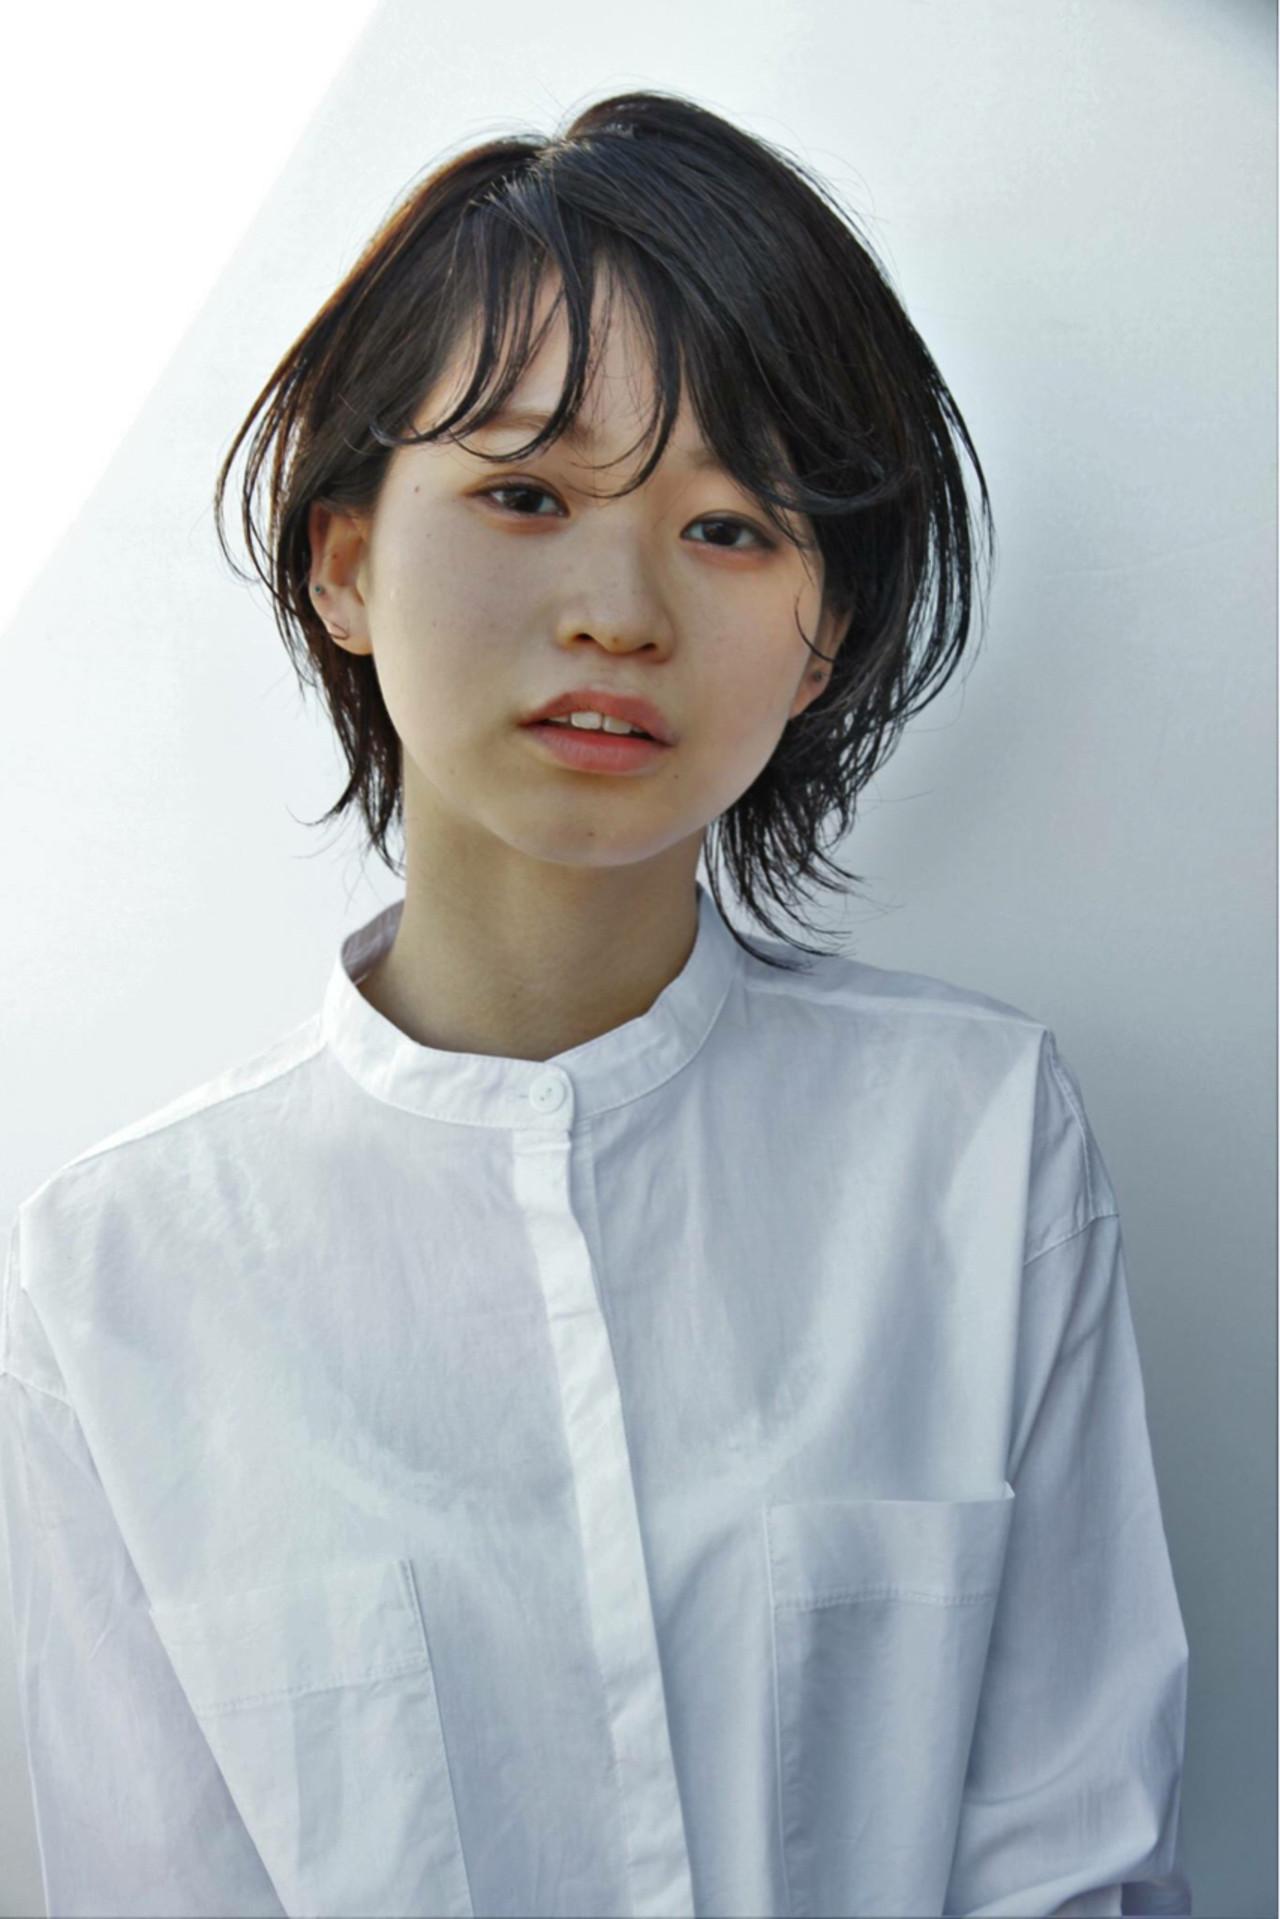 【スタイル特集】印象派美人になれる髪型=黒髪ショート×パーマスタイル? 栗原鉄平